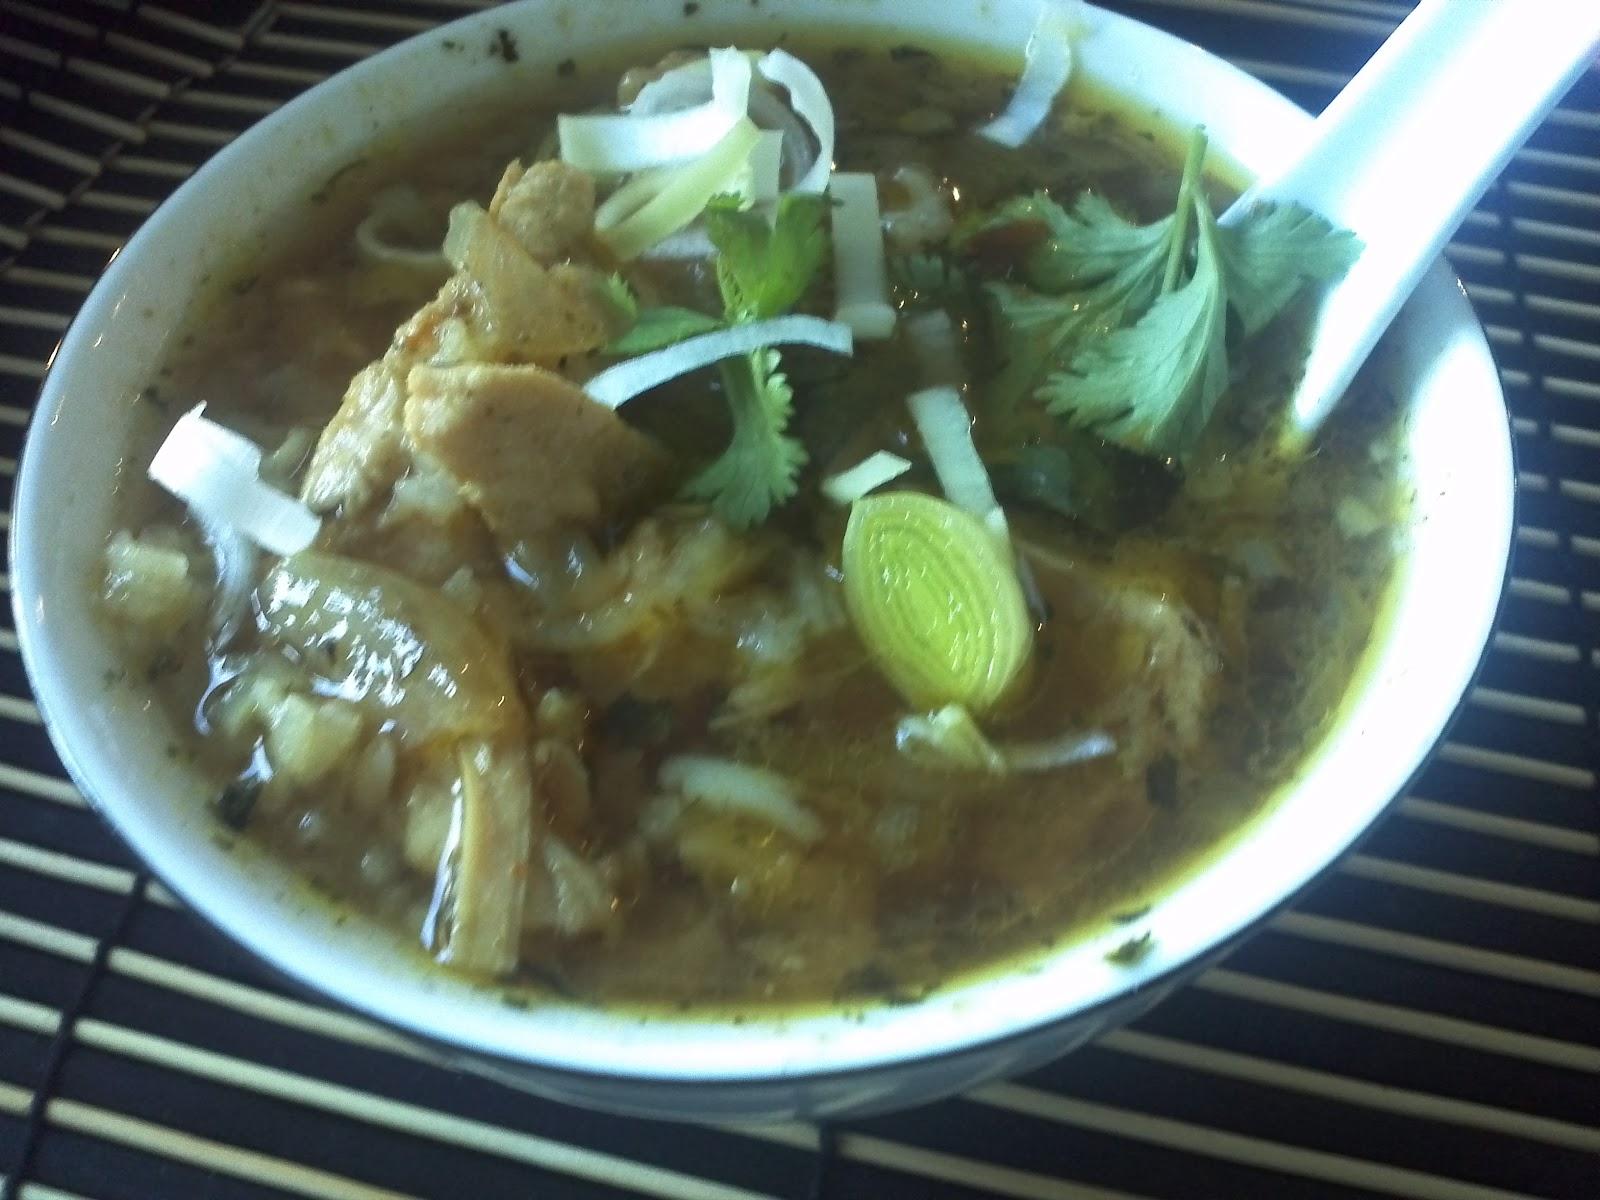 lekkerste soep ooit gegeten